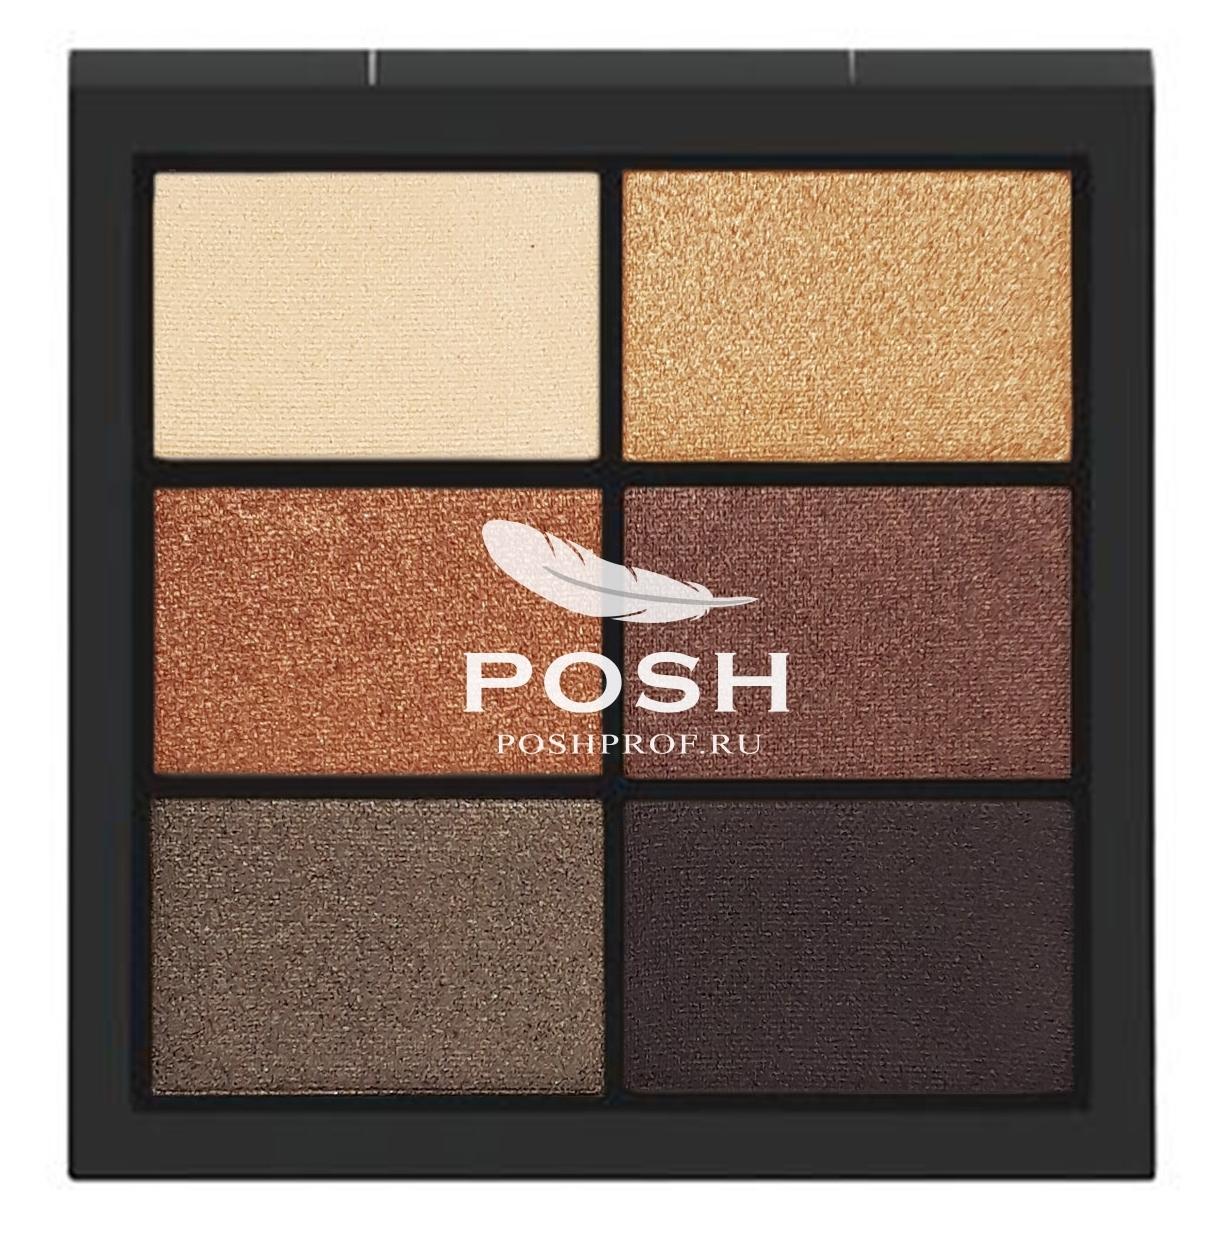 Купить POSH Палетка теней для макияжа, профессиональная 03 (6 оттенков) / Love in Space Make Up Palette 60 г